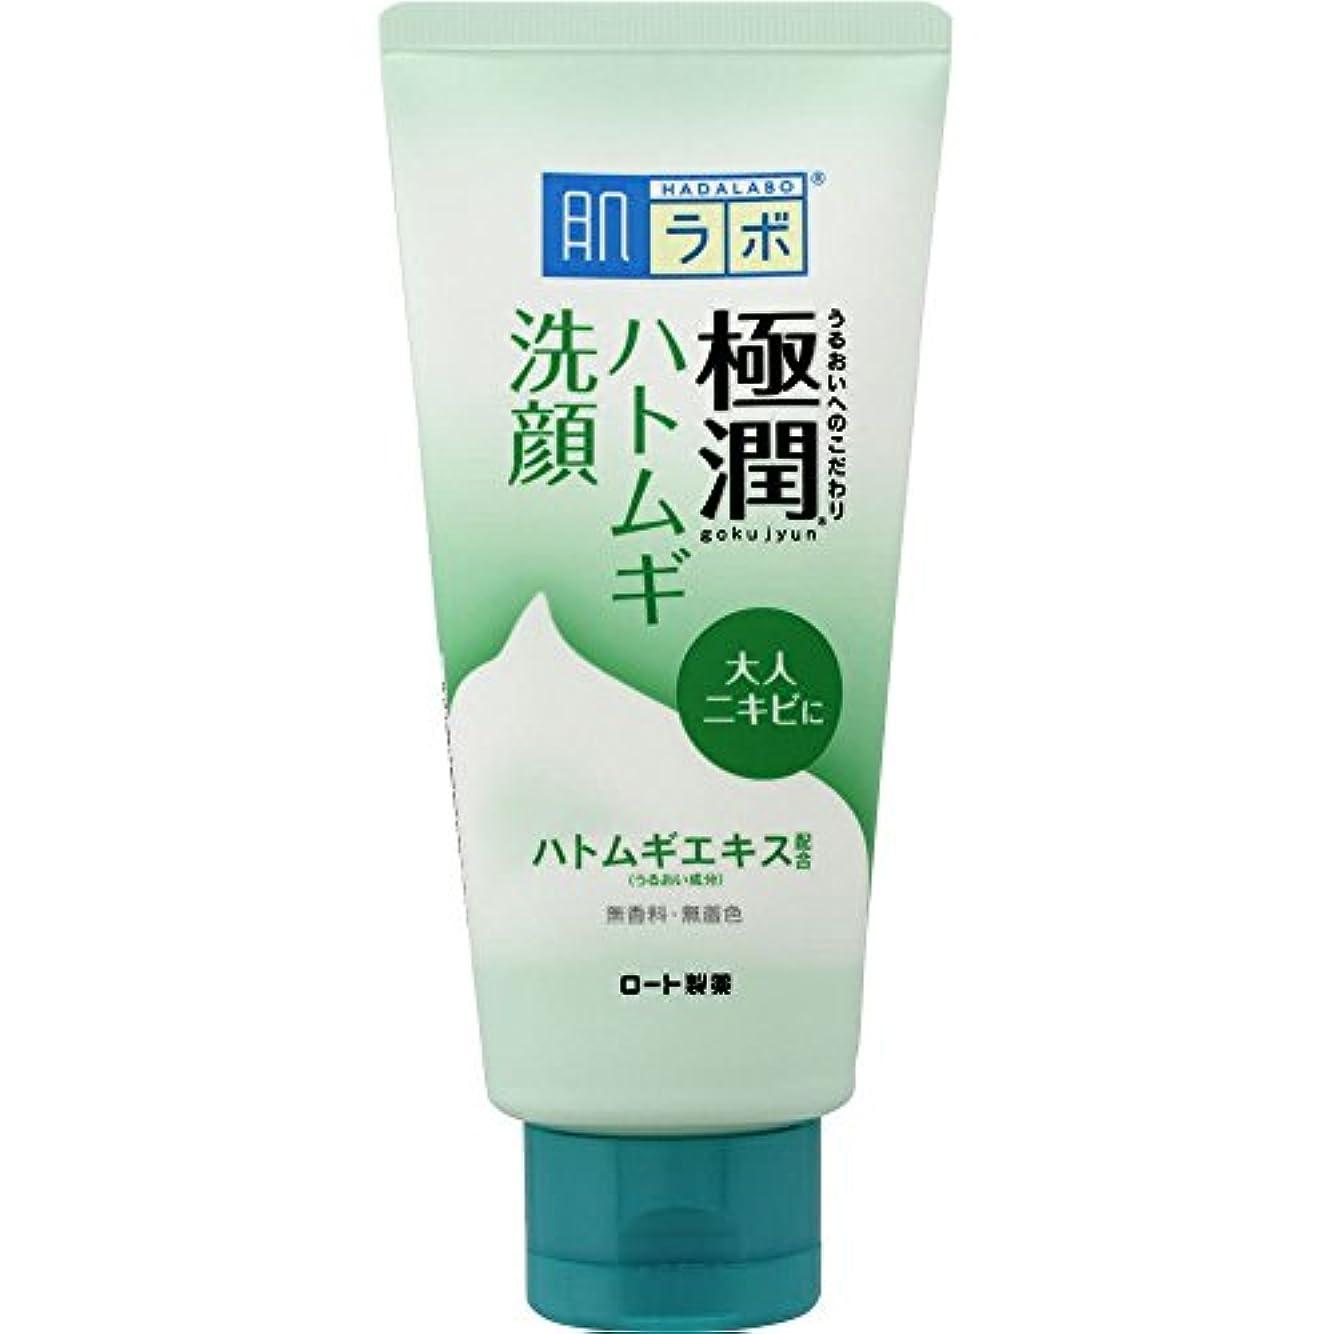 つかまえるチューインガムラッドヤードキップリング肌ラボ 極潤 毛穴洗浄 大人ニキビ予防 ハトムギ洗顔フォーム 100g